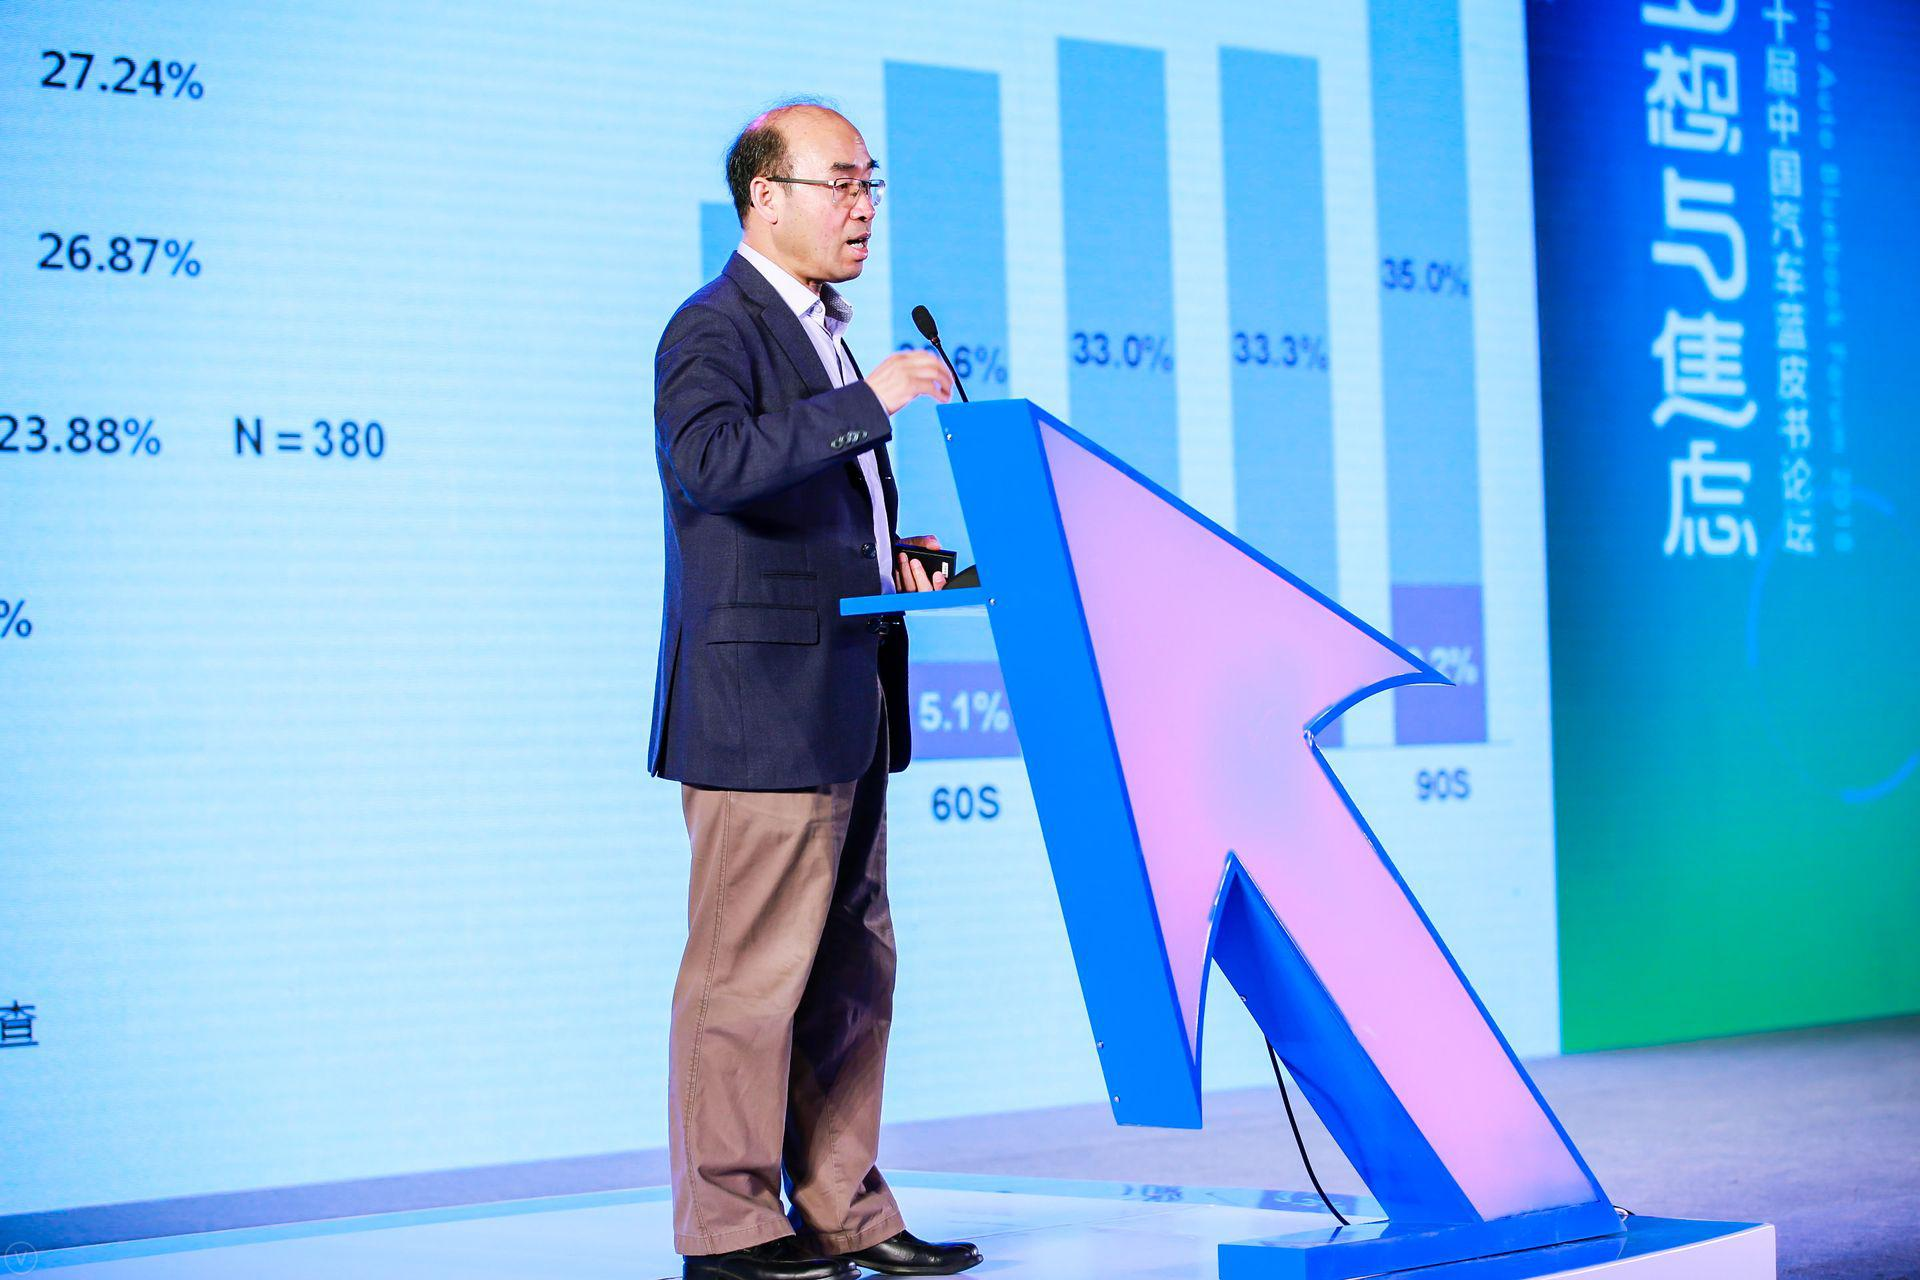 徐长明:未来中国汽车市场销售将达4200万辆规模